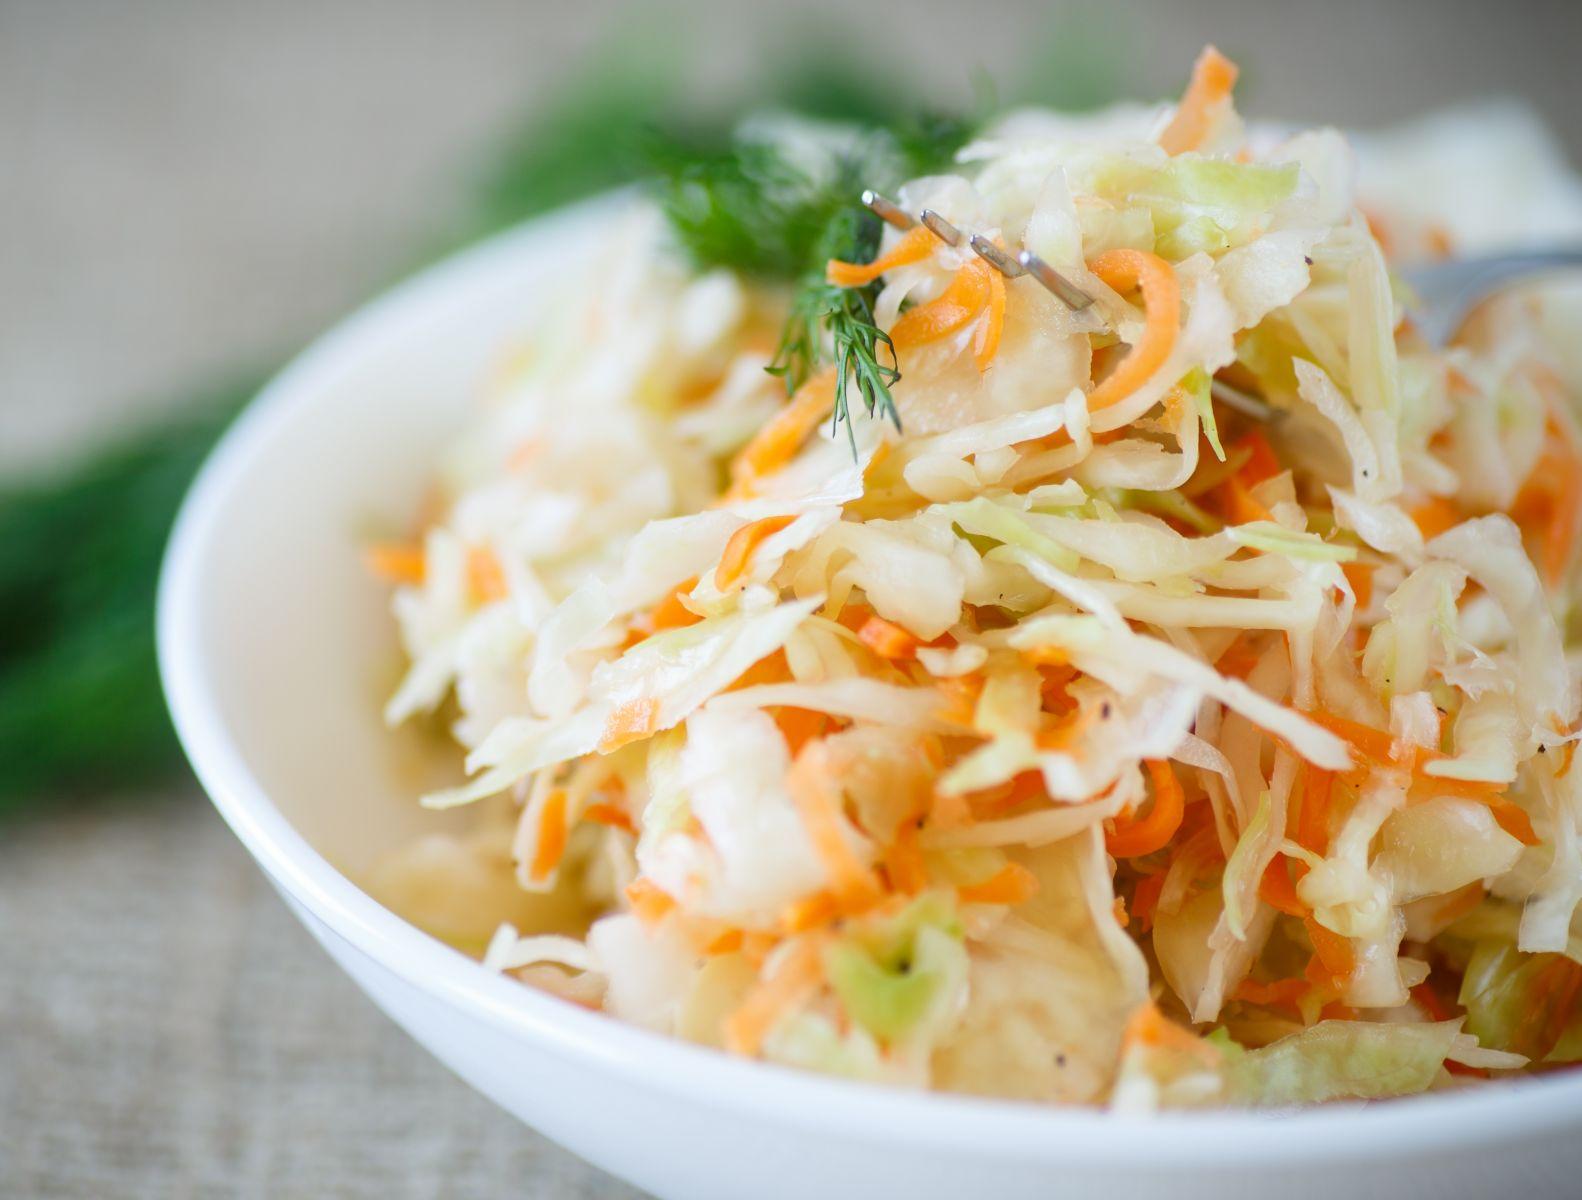 Рецепты салатов с капустой: самое полезное блюдо с витамином С, которым можно заменить любой гарнир - фото №1